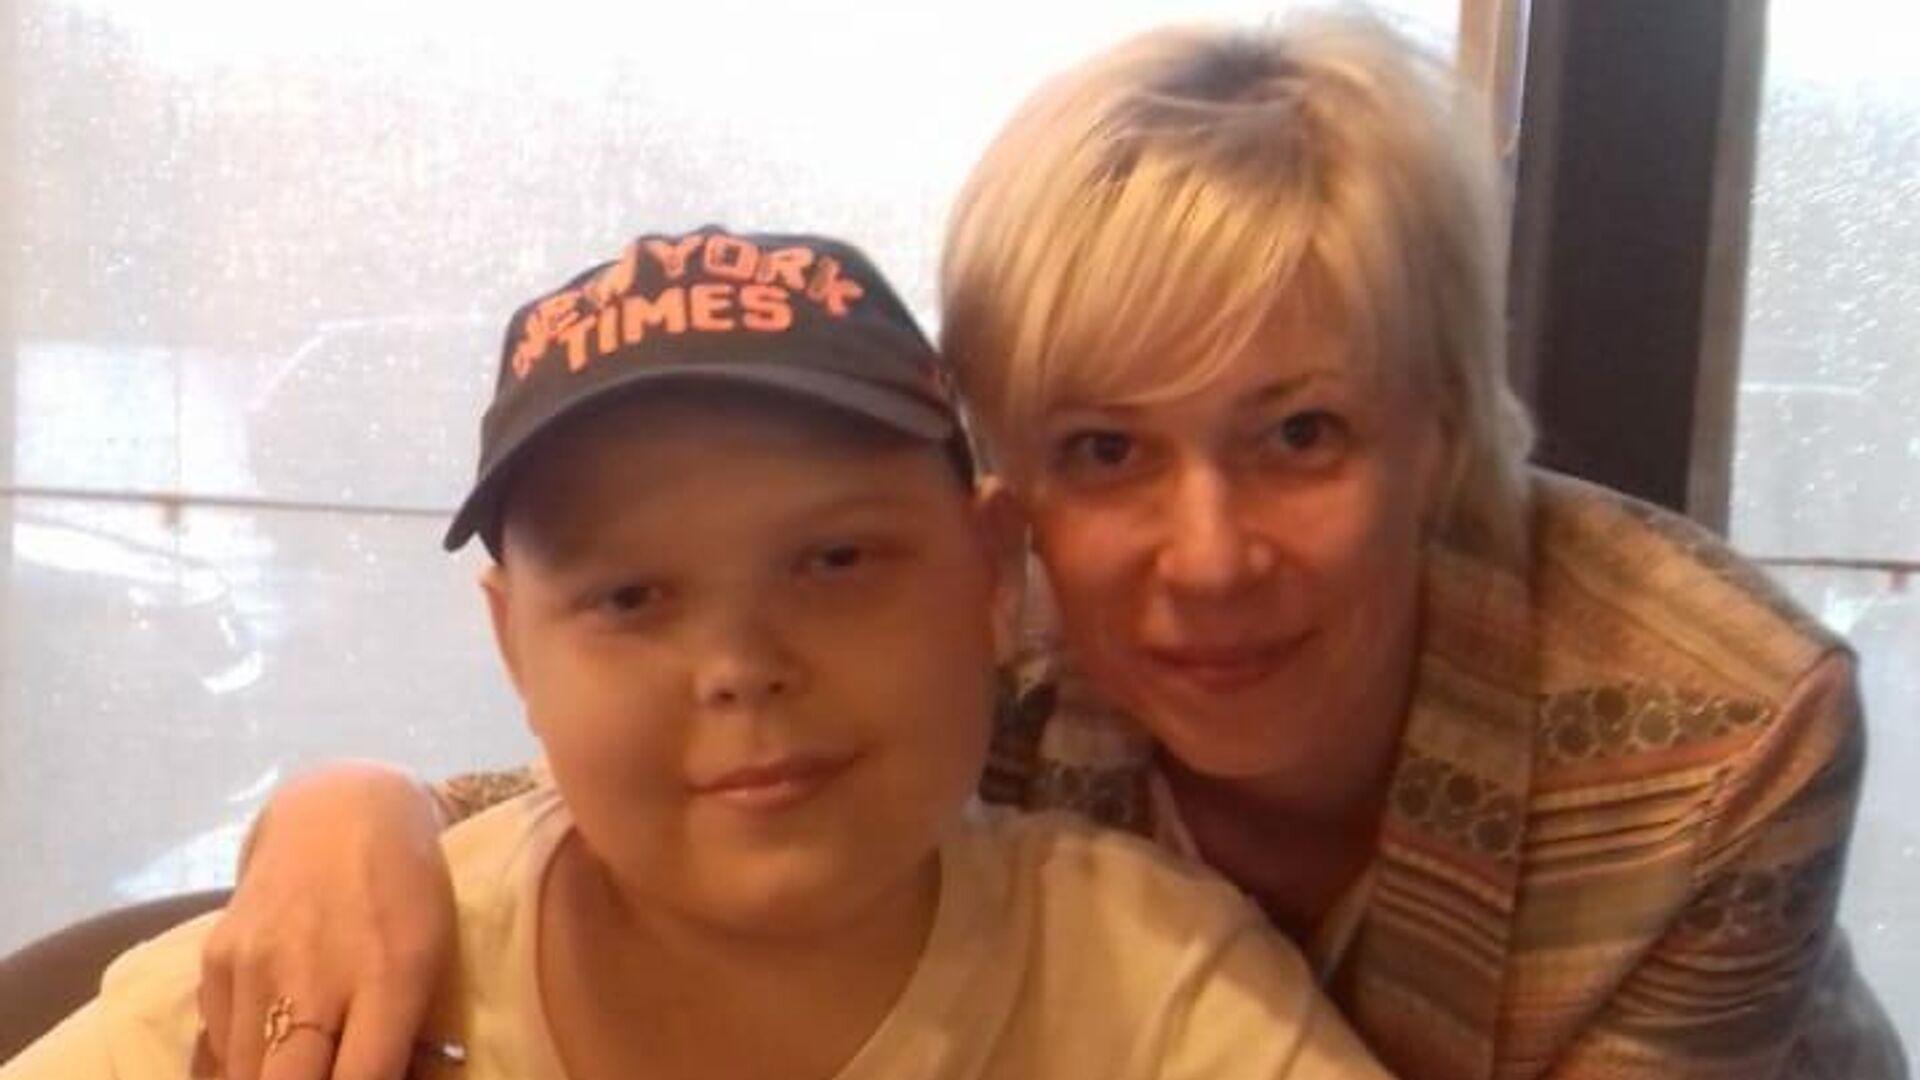 Наталья Дыдышко с сыном после очередного курса химиотерапии - РИА Новости, 1920, 04.12.2019